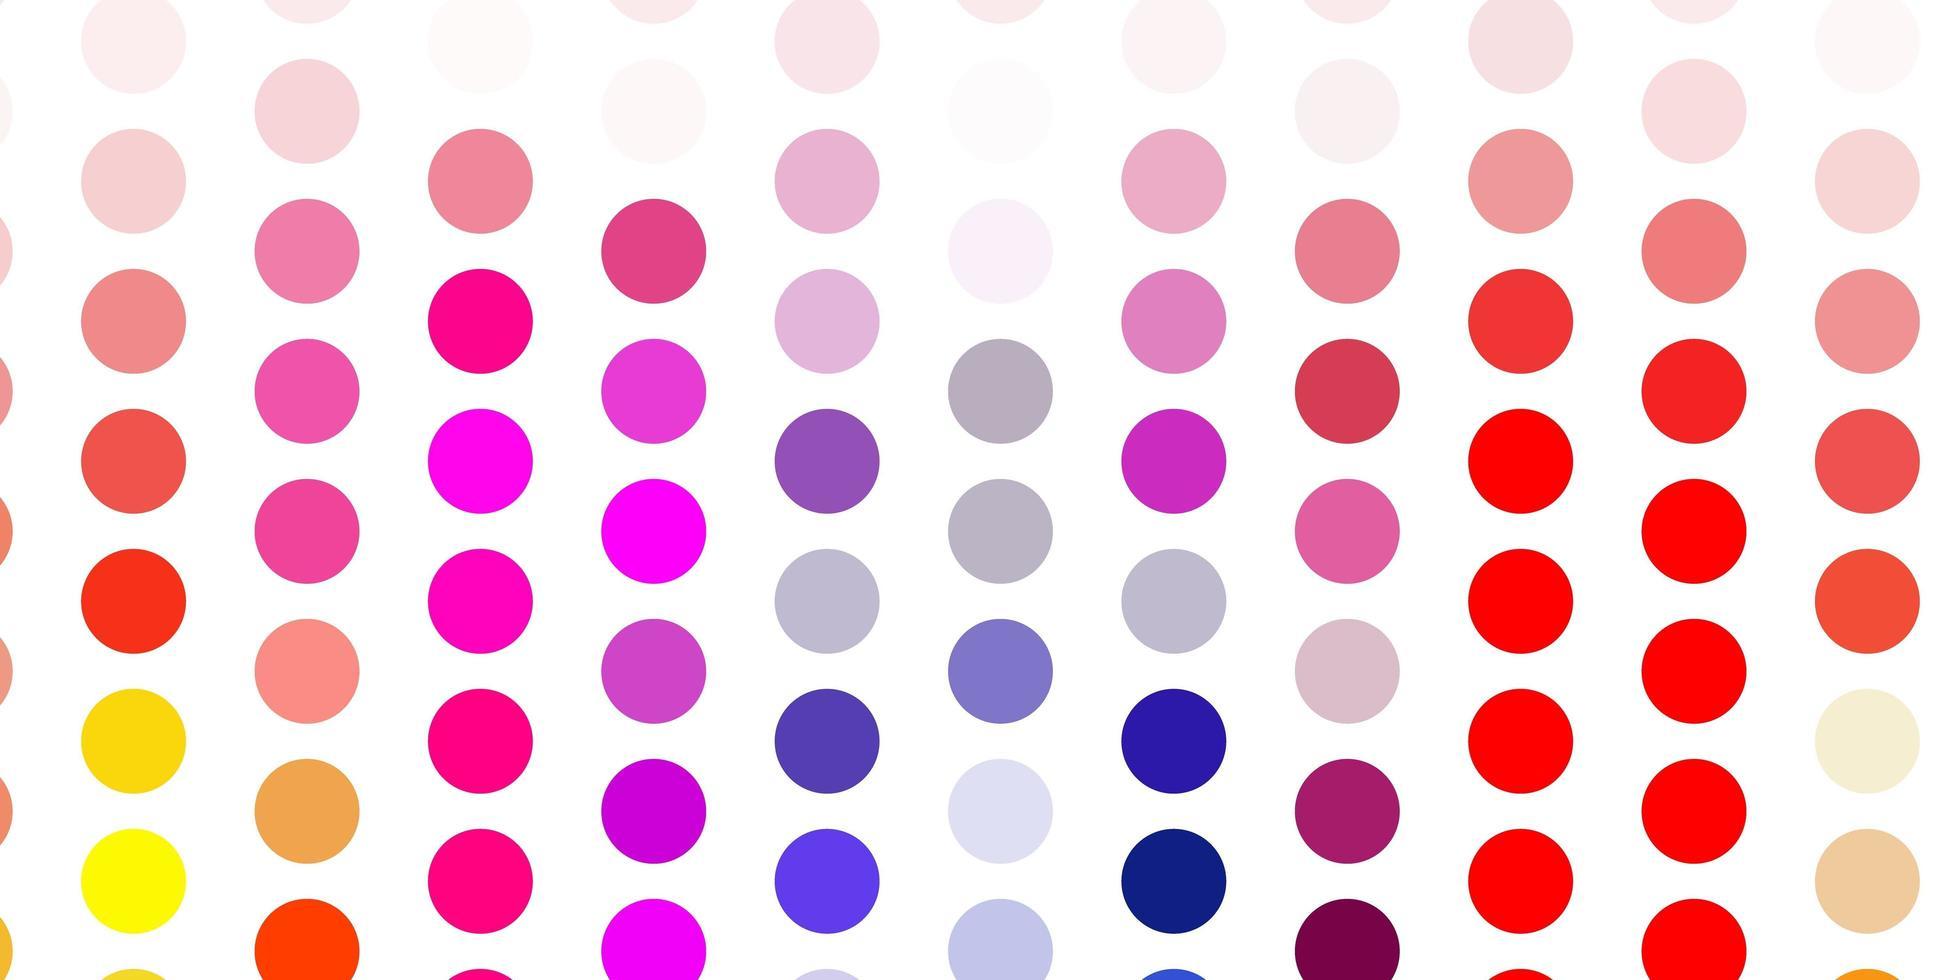 ljus flerfärgad vektorlayout med cirkelformer. vektor